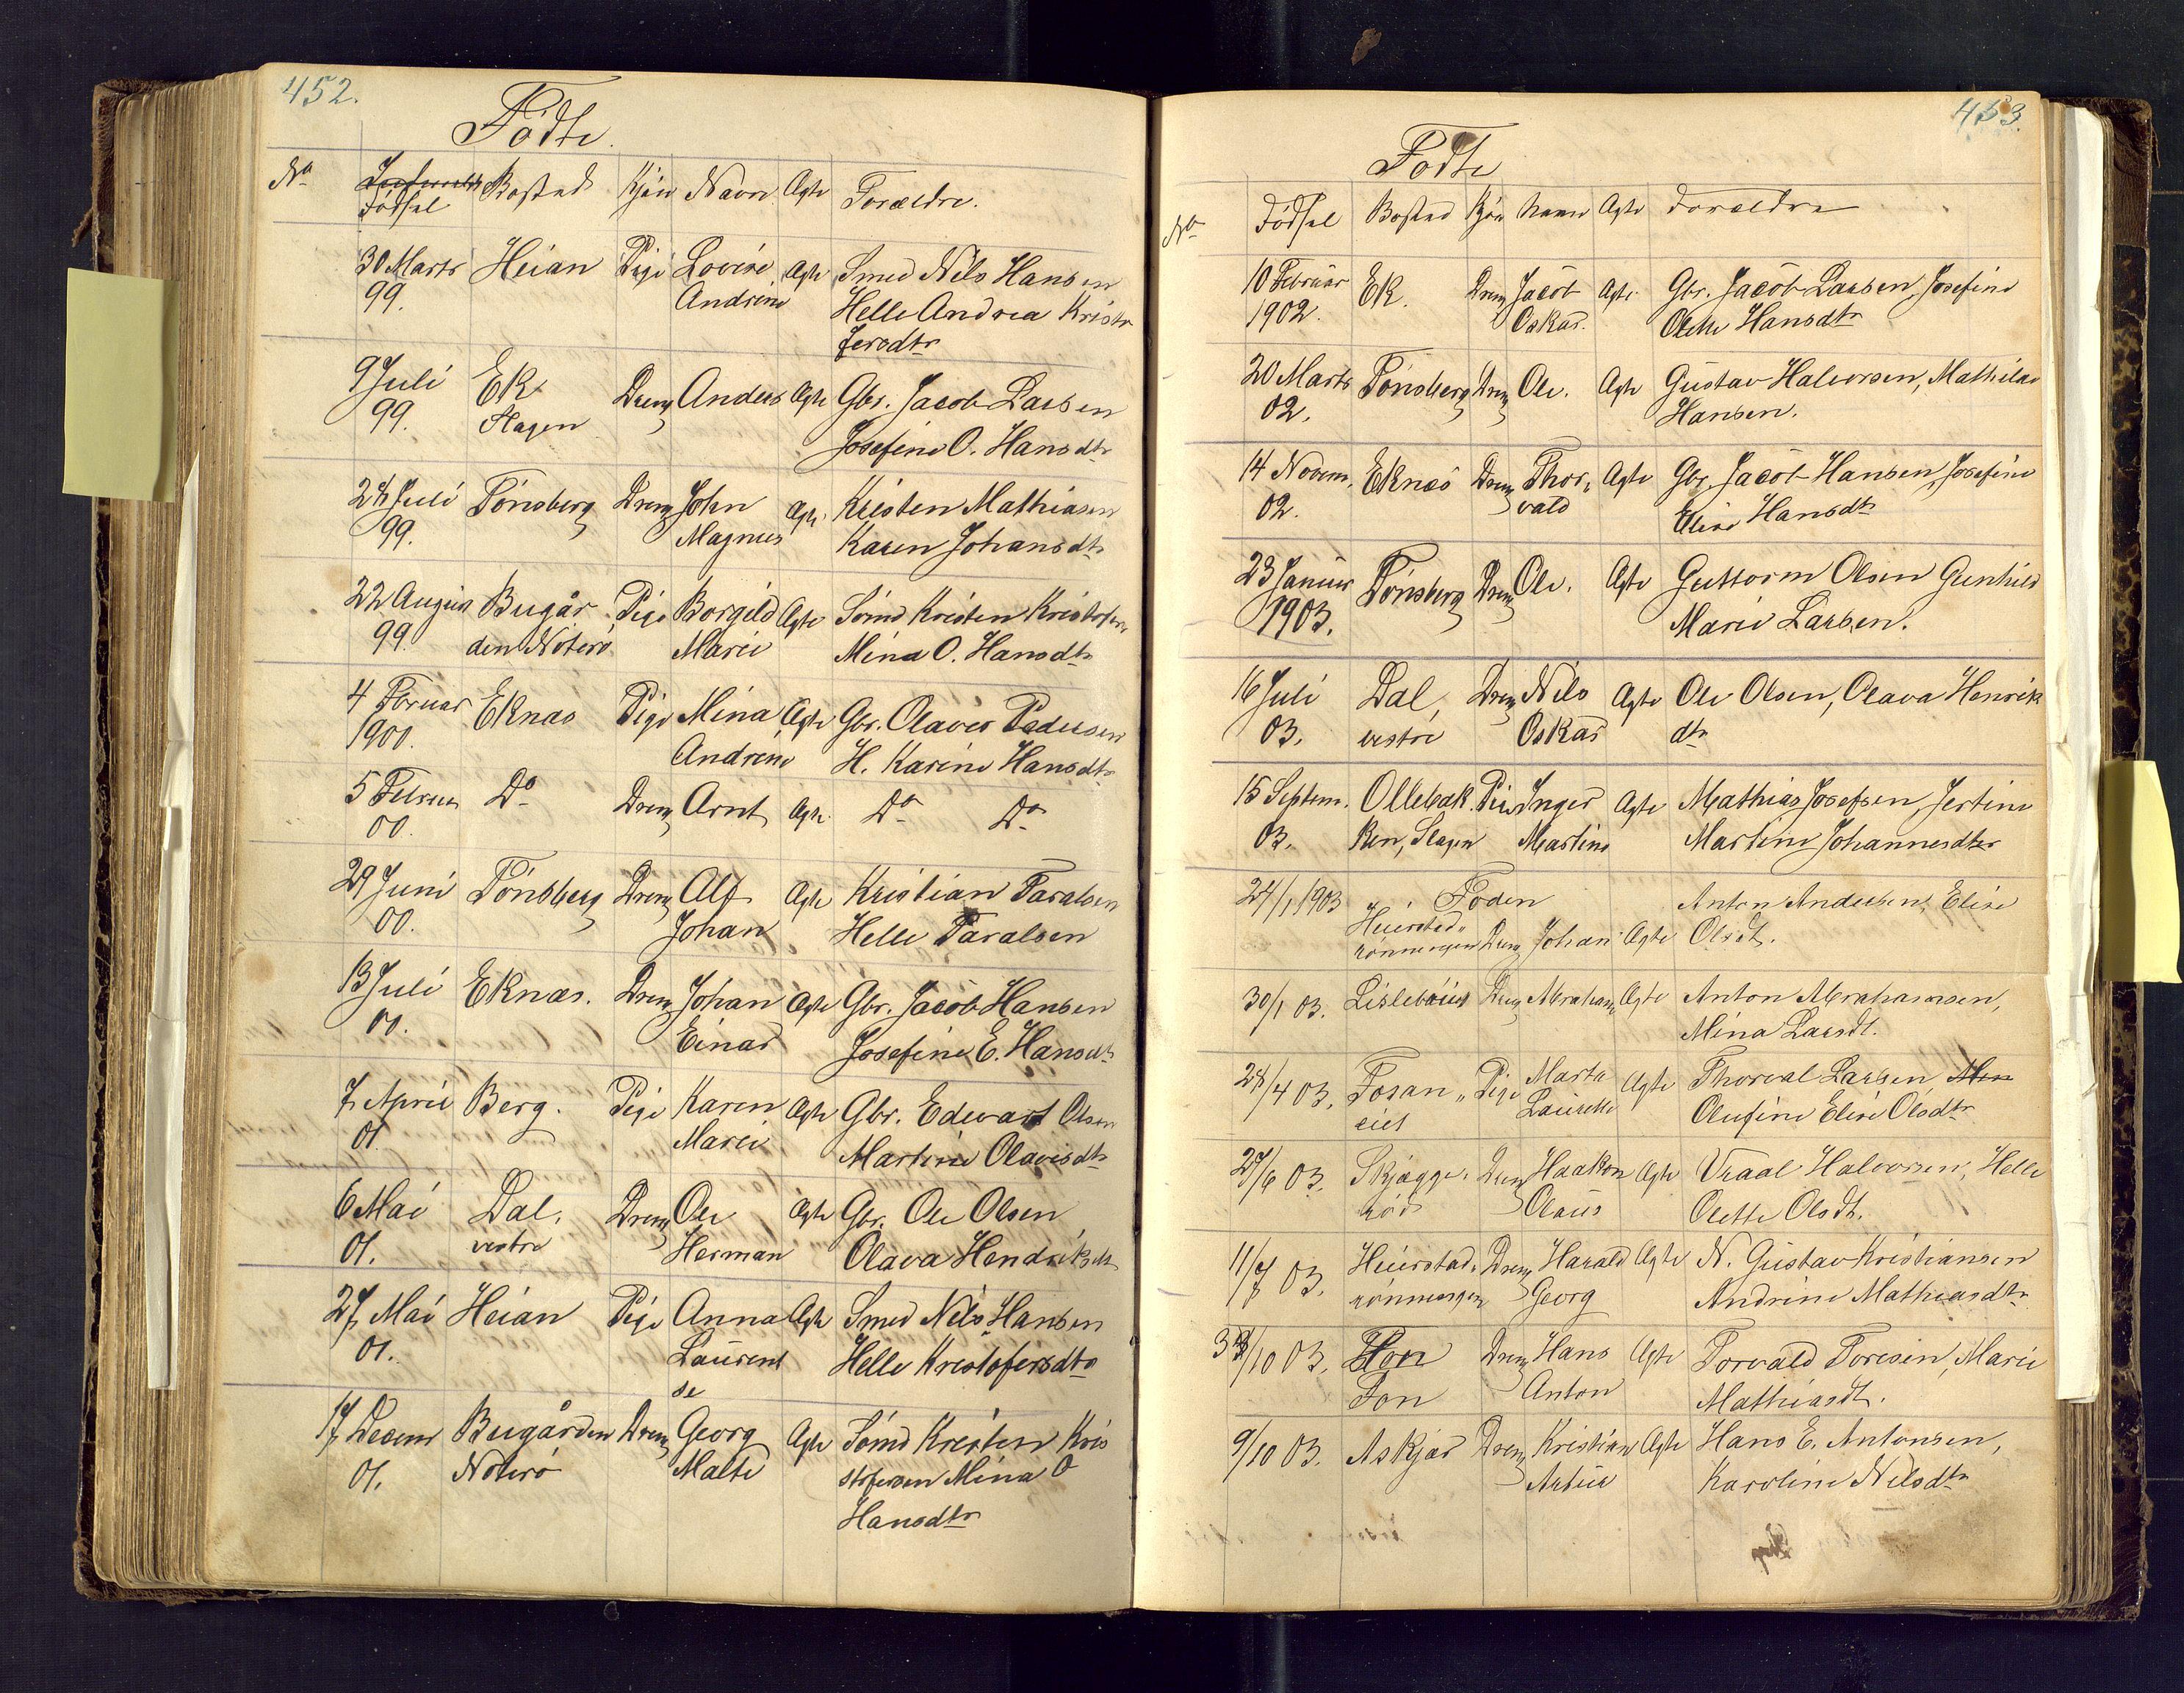 SAKO, Den evangelisk lutherske frimenighet i Jarlsbergs grevskap med flere steder, F/Fa/L0001: Dissenterprotokoll nr. Fa/L0001, 1872-1925, s. 452-453